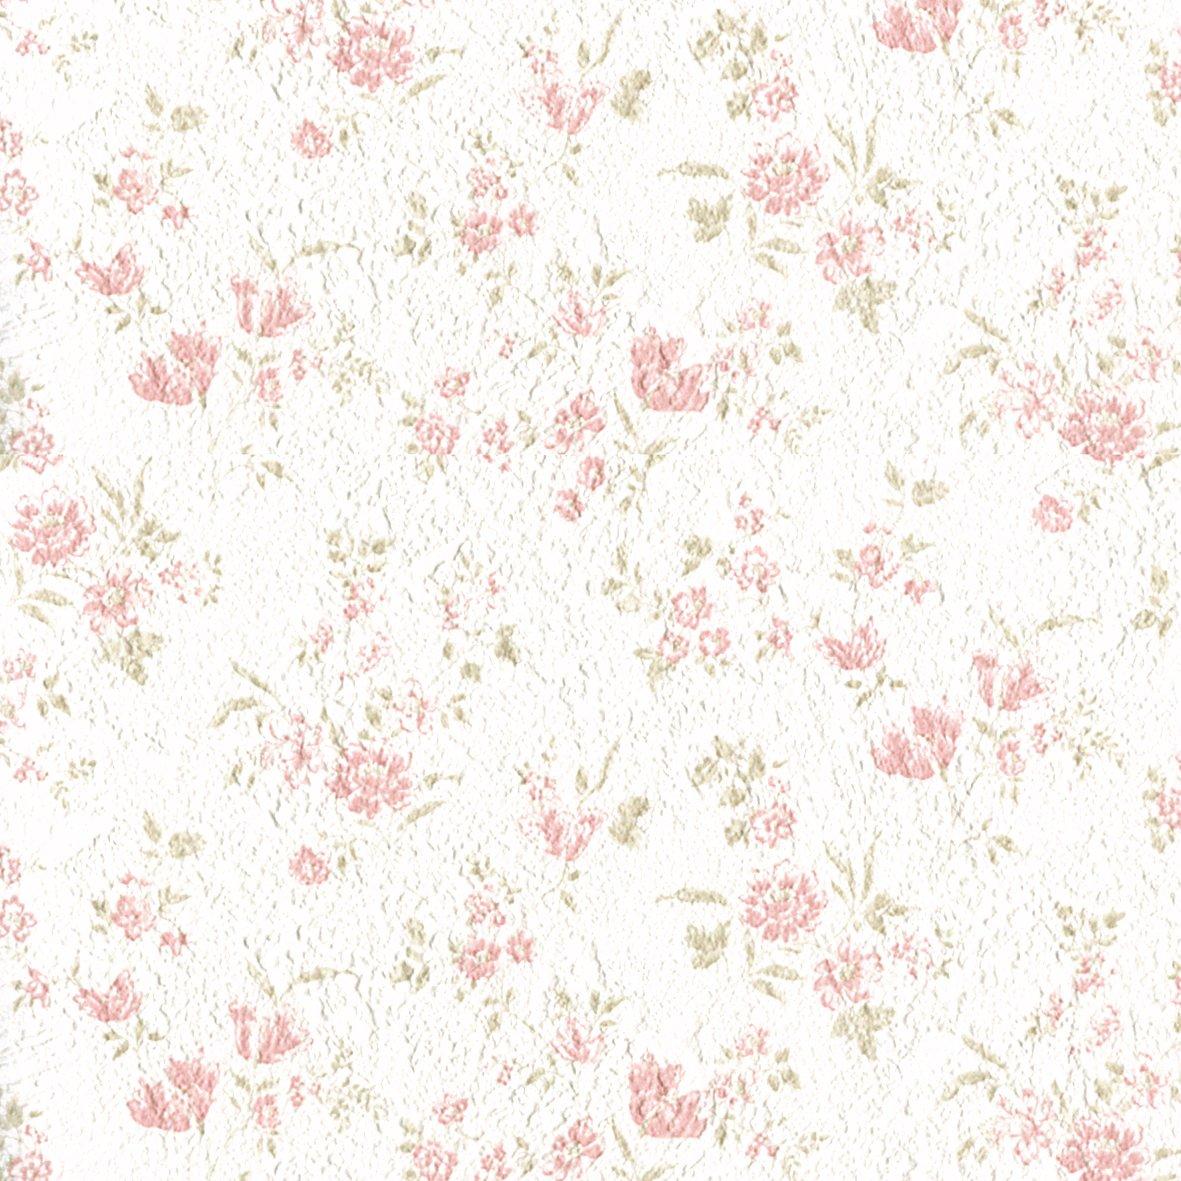 玄関先迄納品 シンフル 壁紙43m リリカラ 花柄 43m B01ihouxiy Lb 9059 パターン ホワイト 壁紙 Koronavirus Frankbold Org